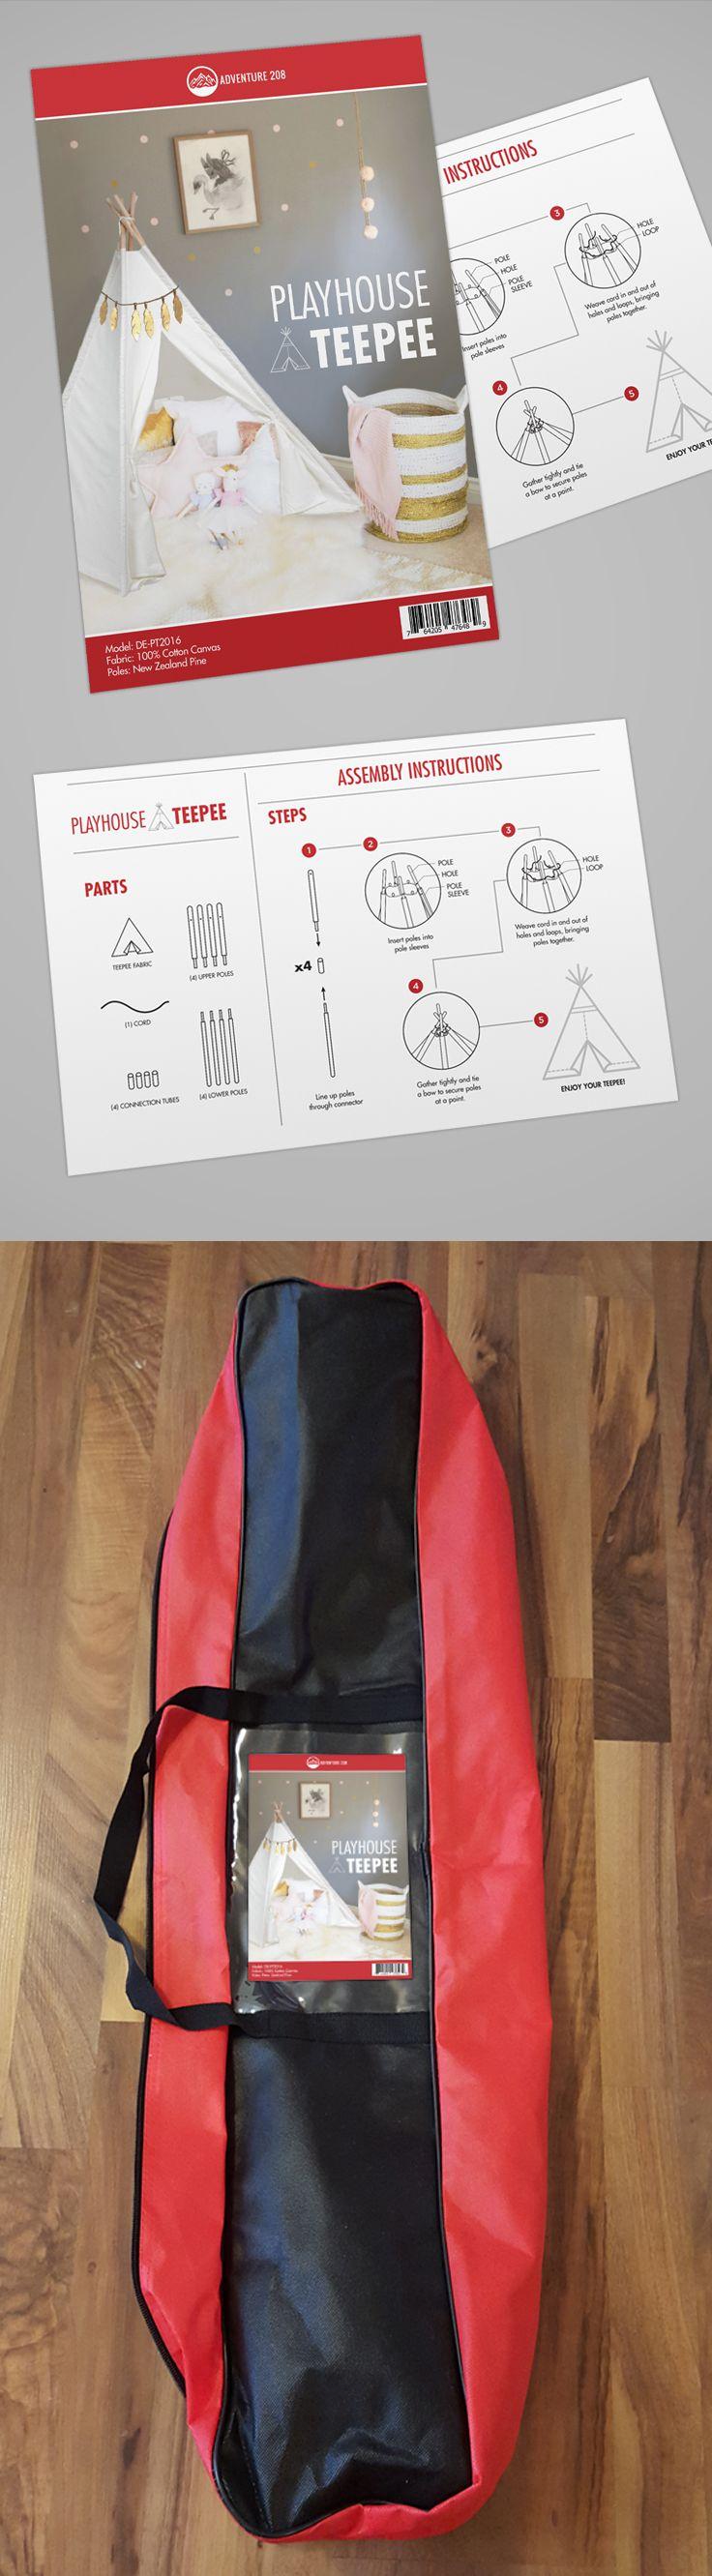 03710d2c4f37999c4c8e38b174197fa3--teepees-insert Meilleur De De Parasol Design Concept